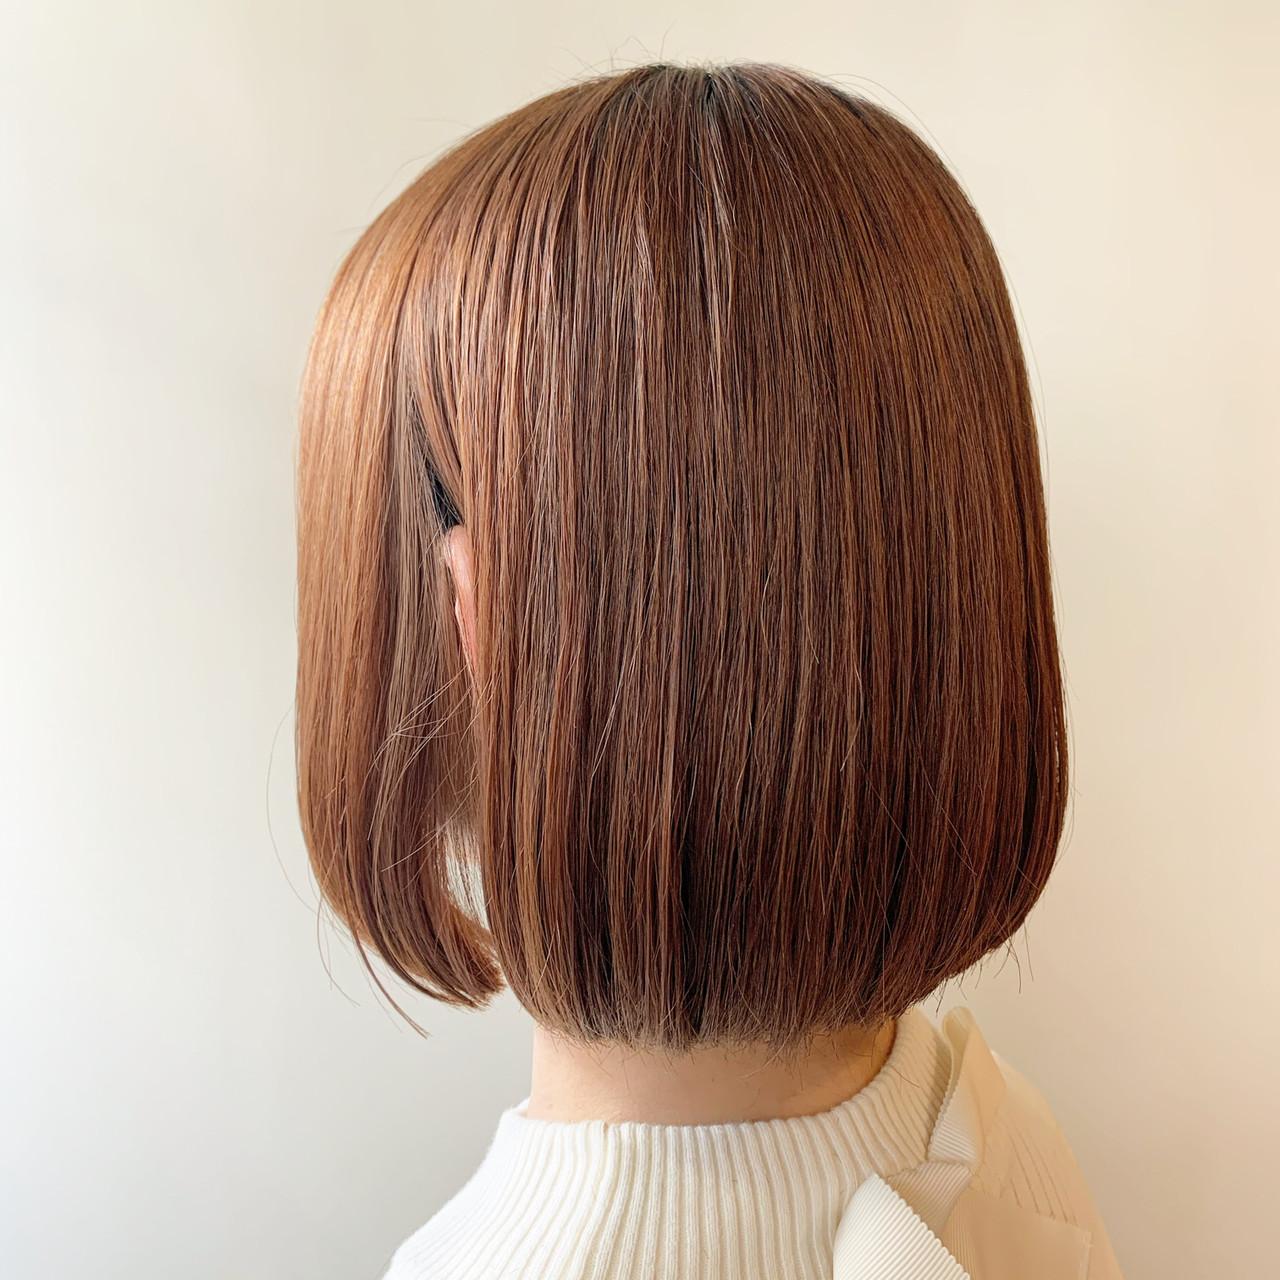 ボブ 切りっぱなしボブ ミニボブ まとまるボブ ヘアスタイルや髪型の写真・画像 | 谷川 健太 / ROVERSI